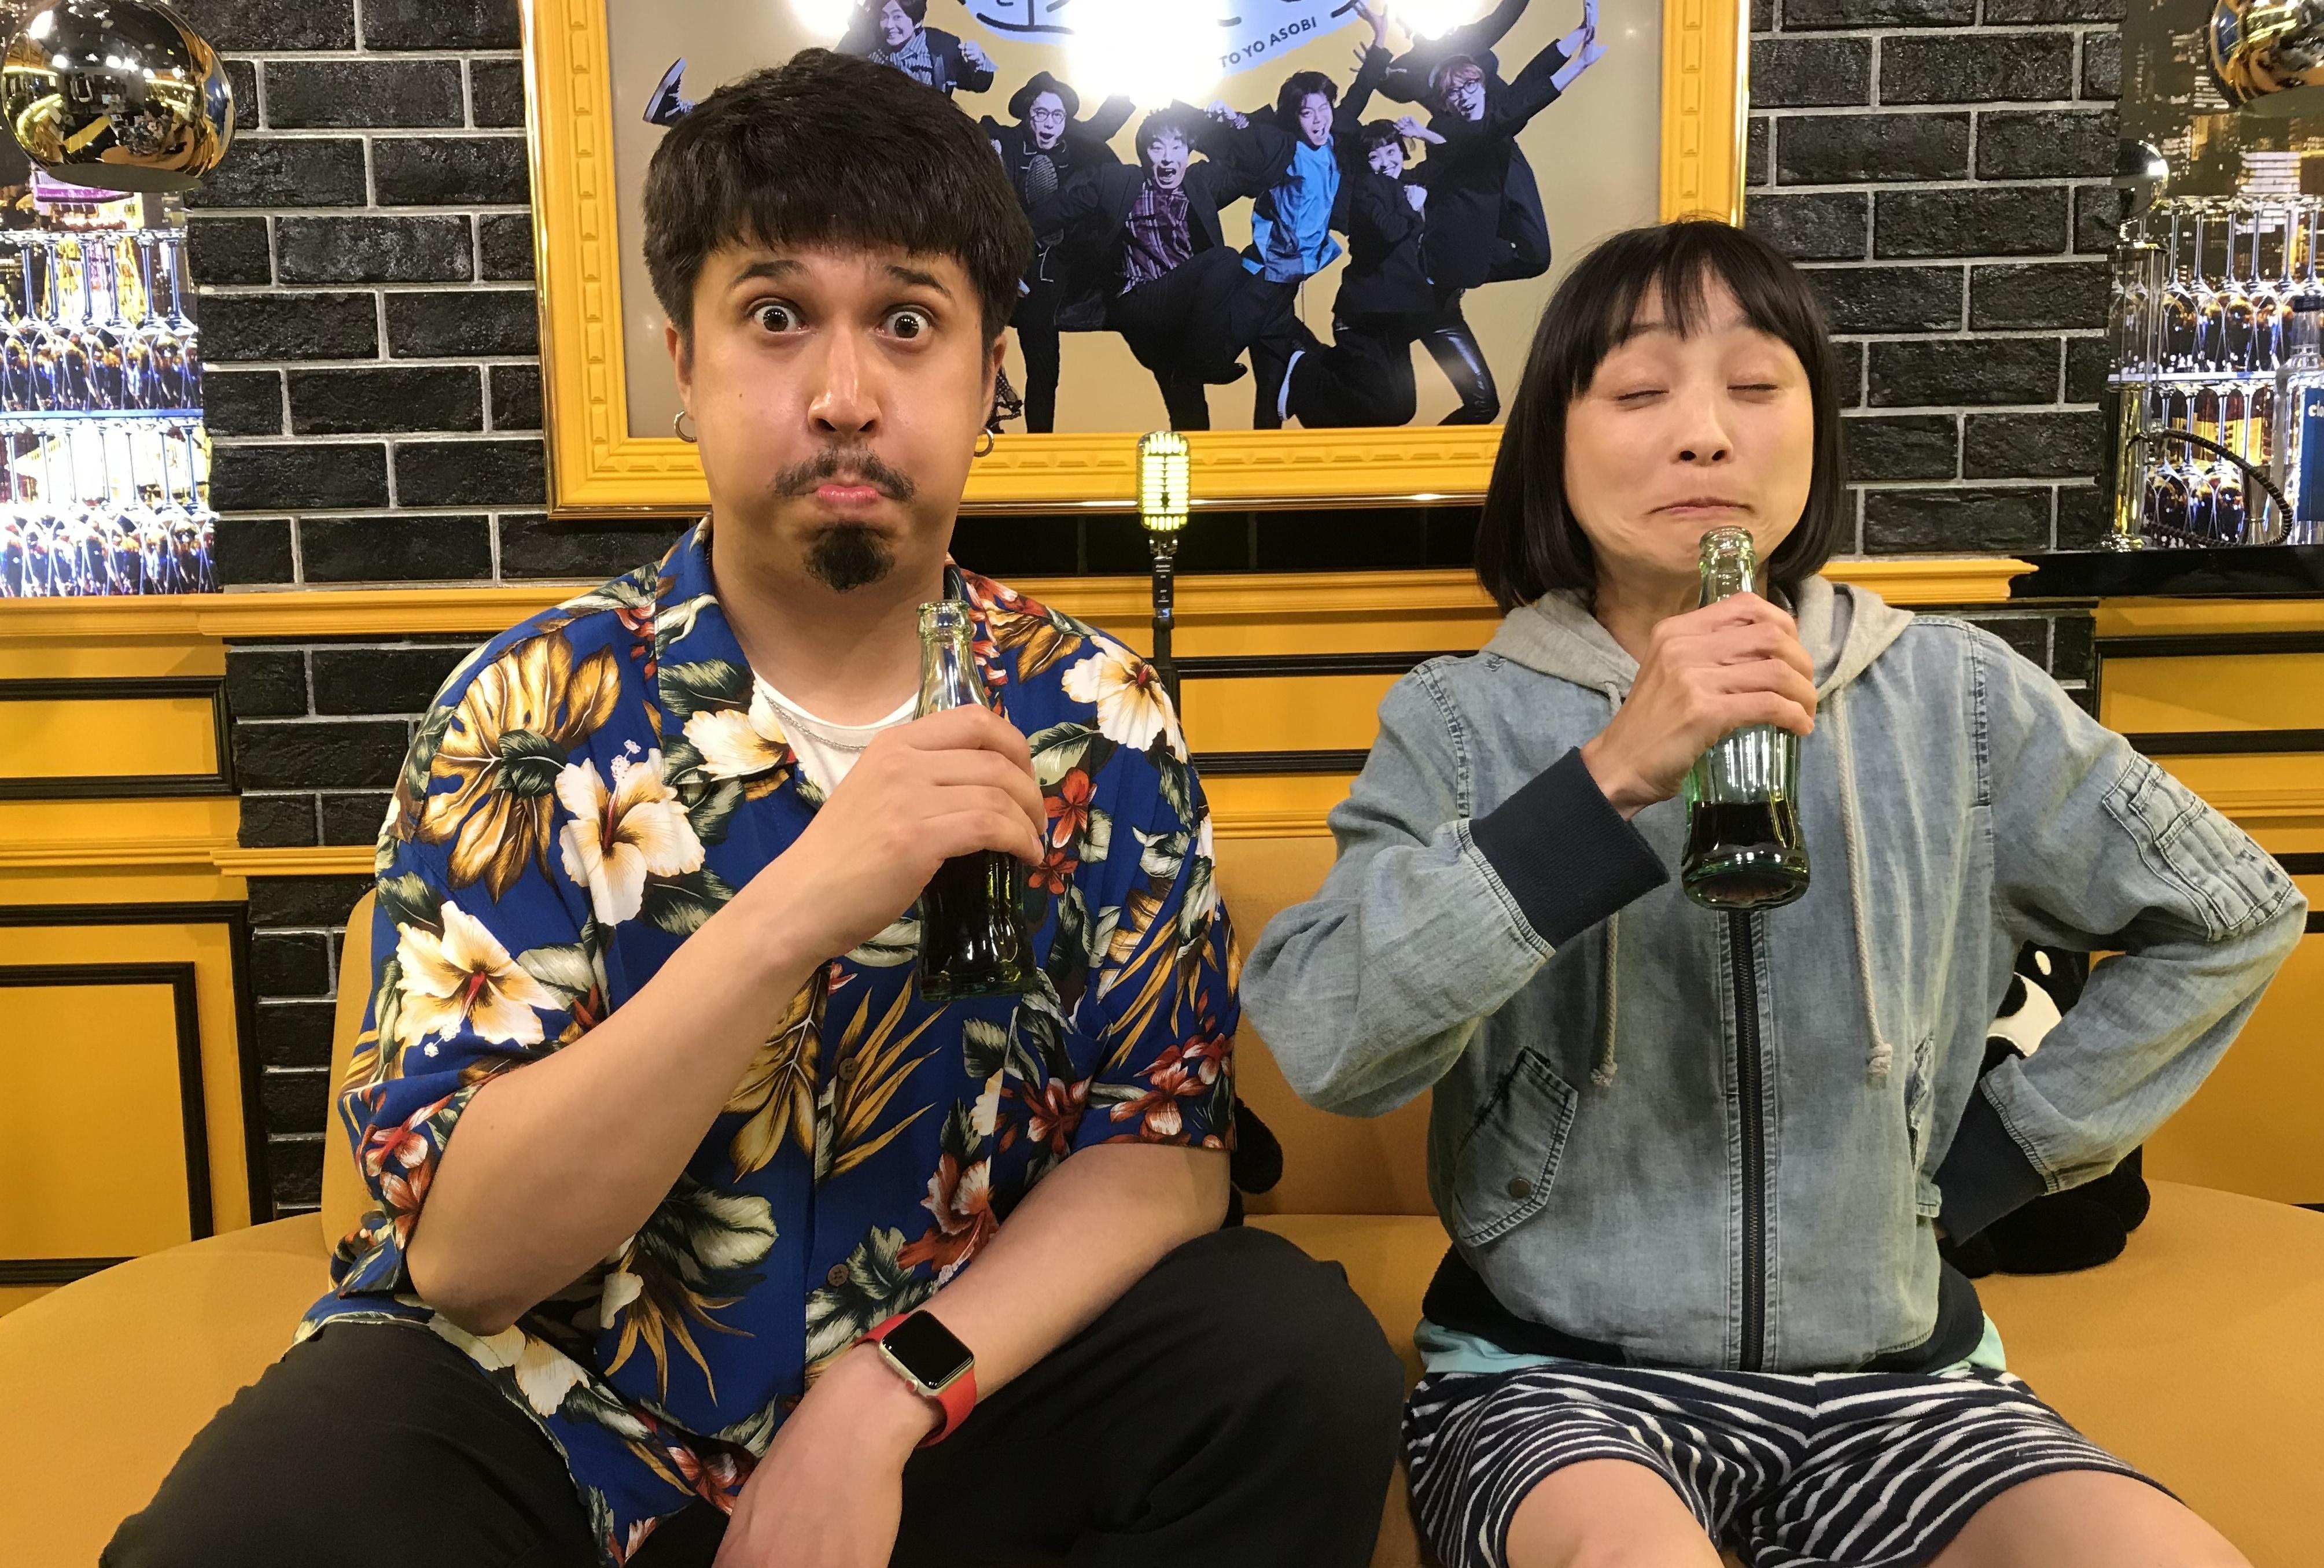 『声優と夜あそび【火:金田朋子×木村昴】#10』公式レポ公開